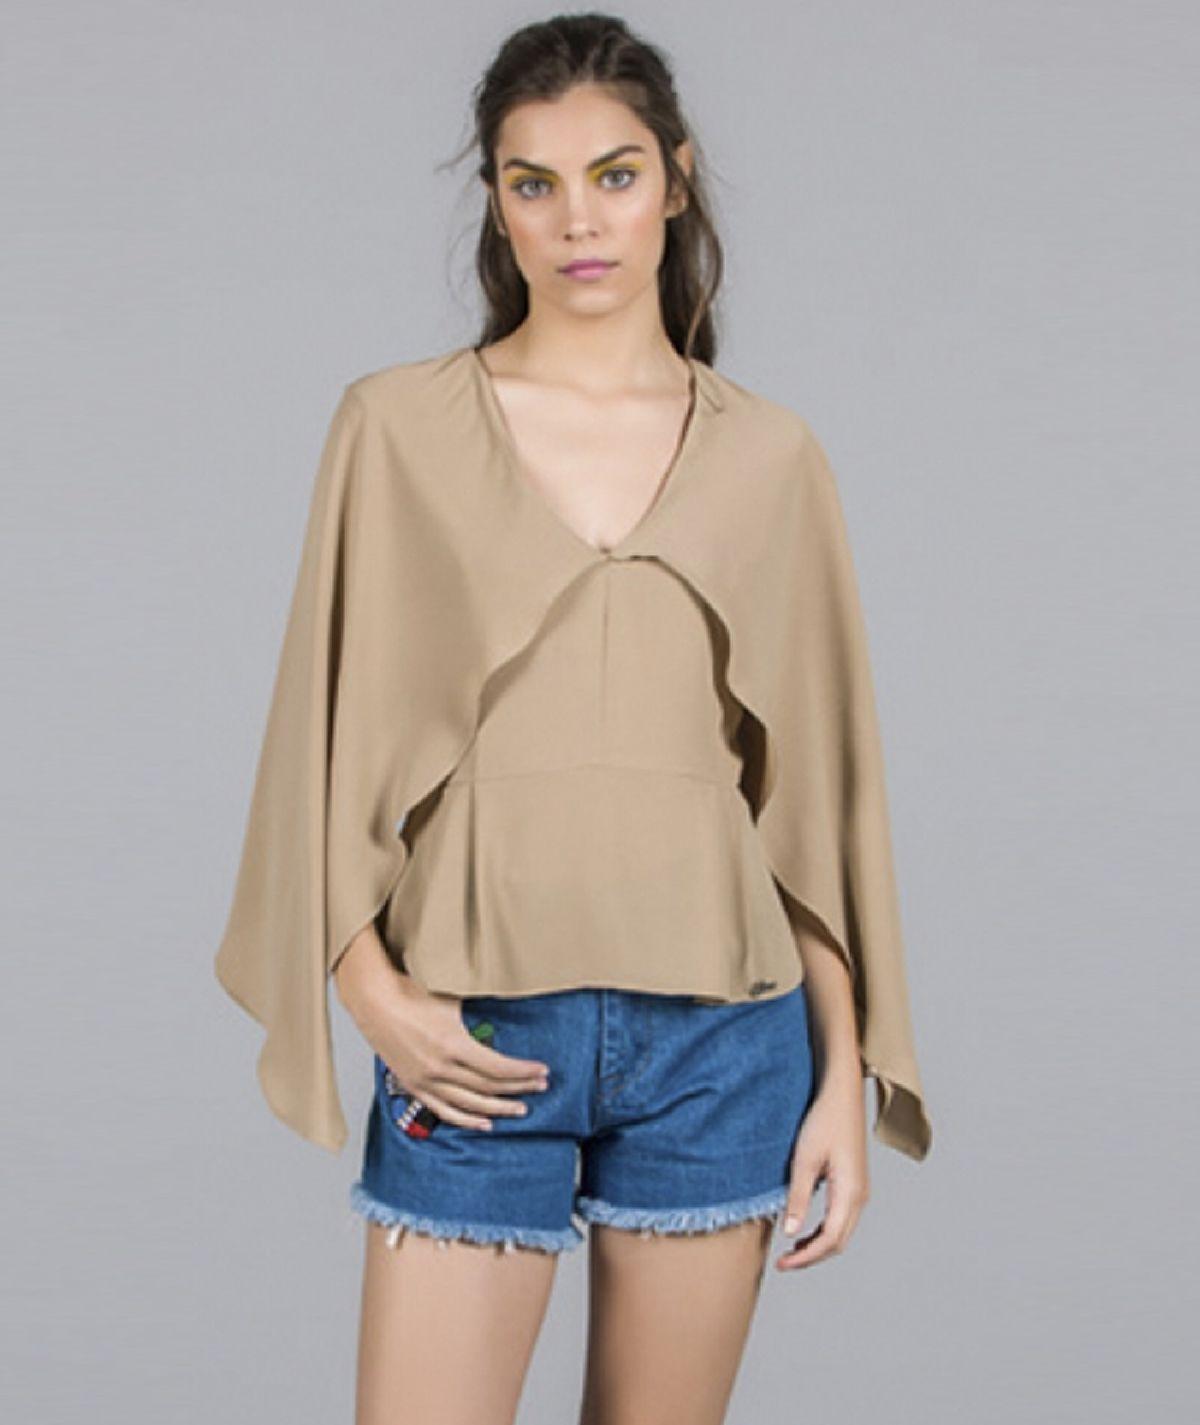 [CHIESSY] Blusa com folhos